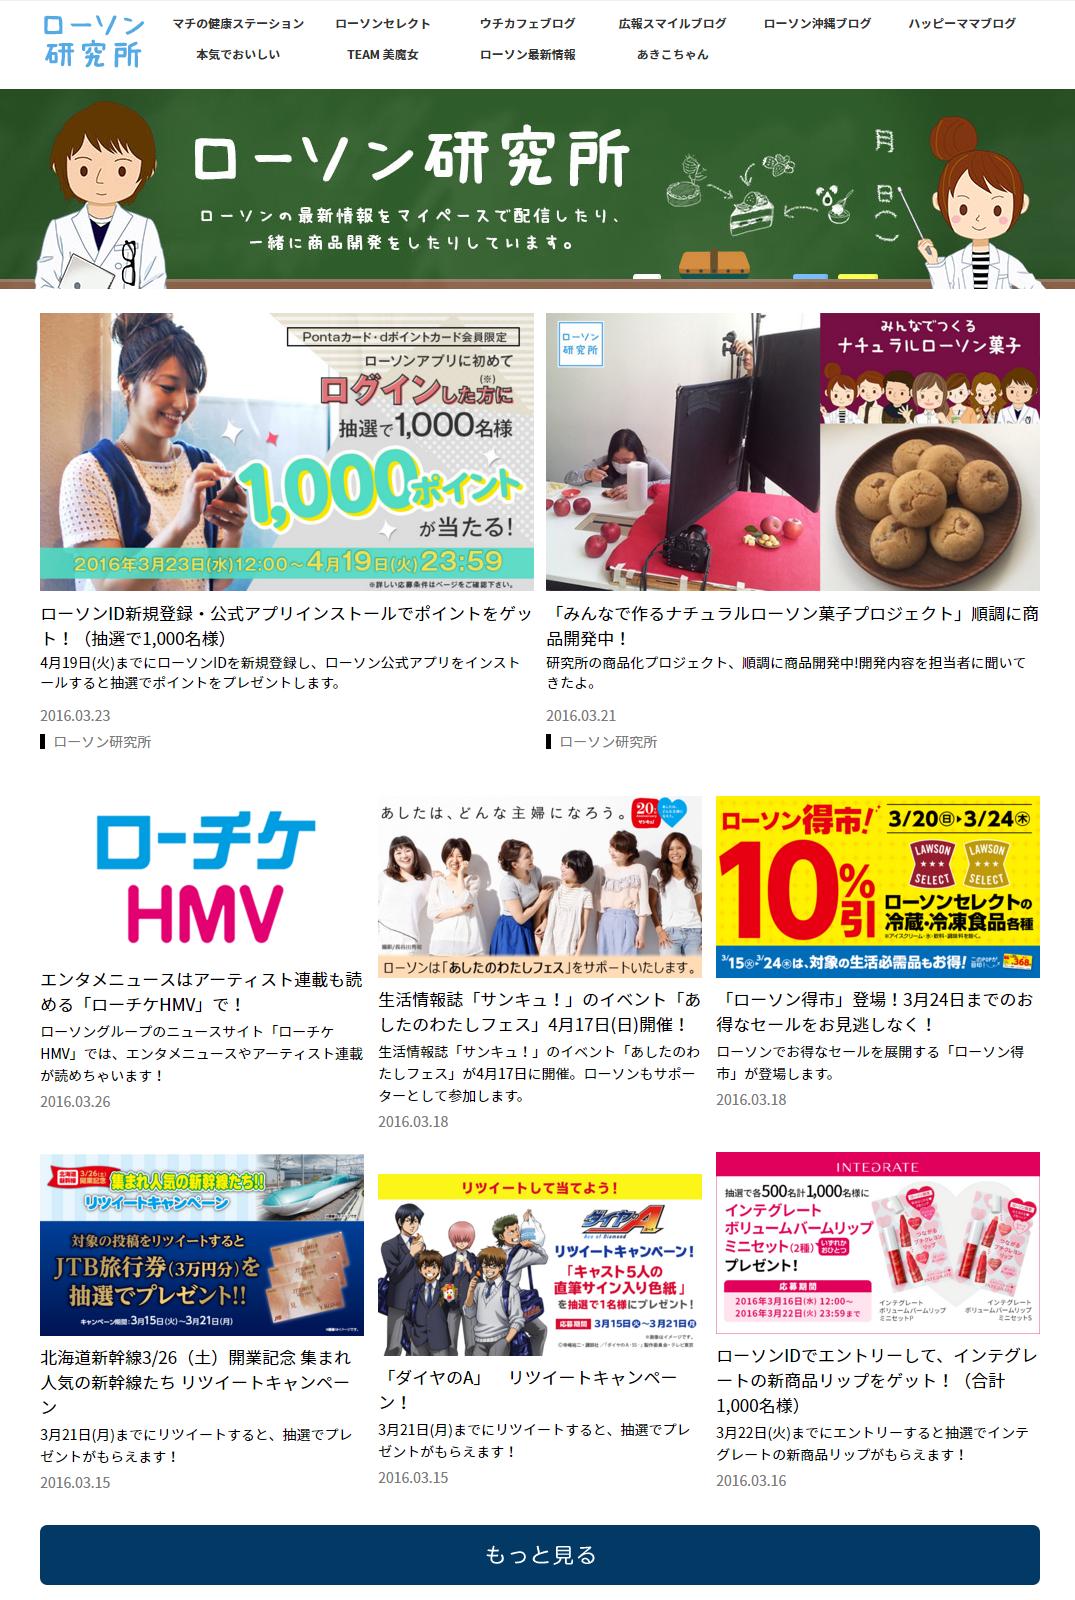 """「ローソン福山駅前店」からウェブサイト""""ローソン研究所""""のお知らせ"""